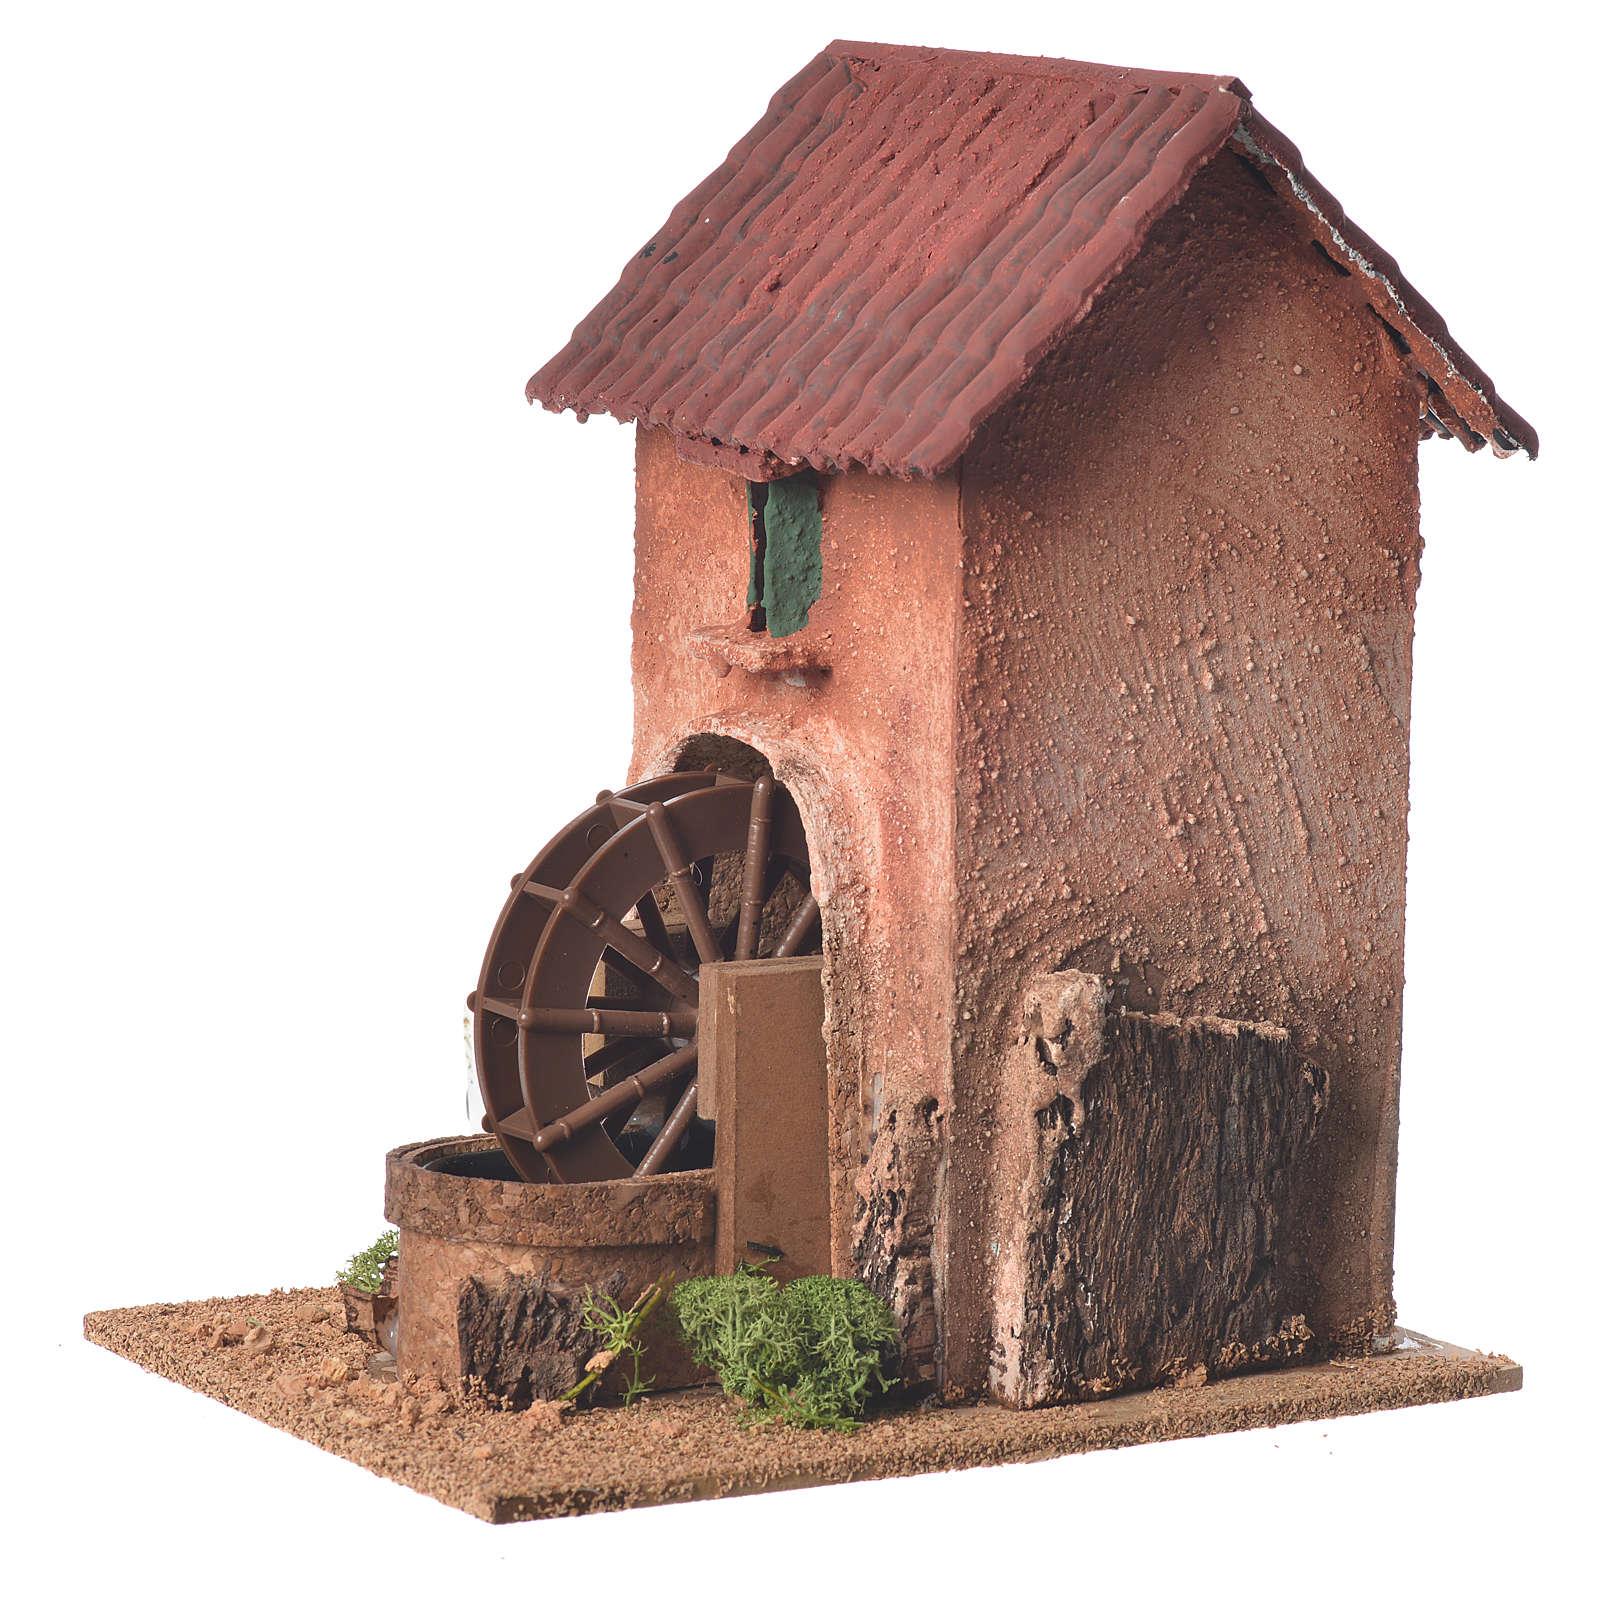 Maison avec moulin à eau crèche 23x15x20 cm 4